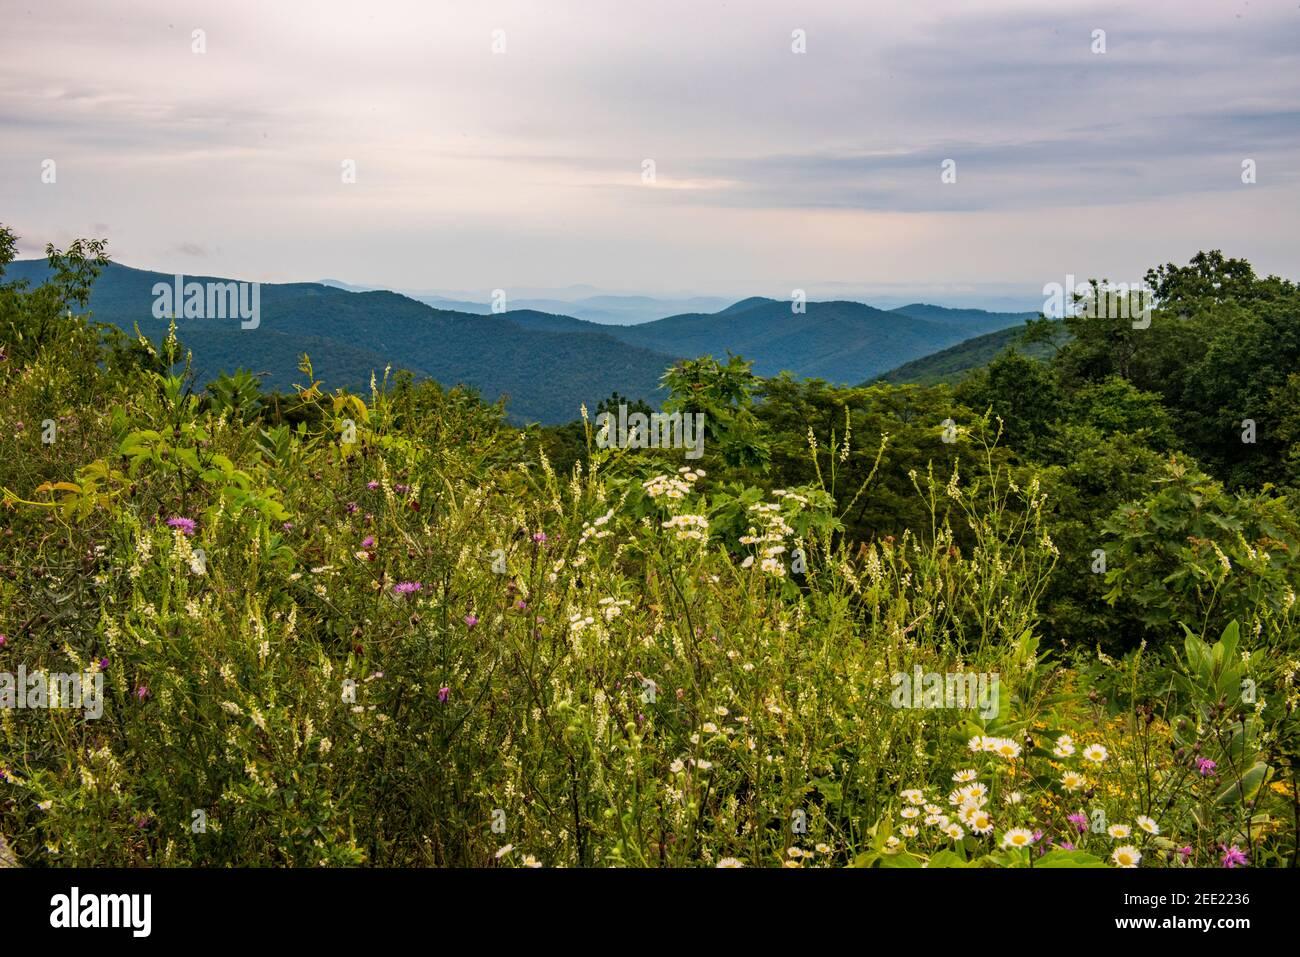 Les montagnes Blue Ridge, vues depuis Skyline Drive dans le parc national Shenandoah. Banque D'Images